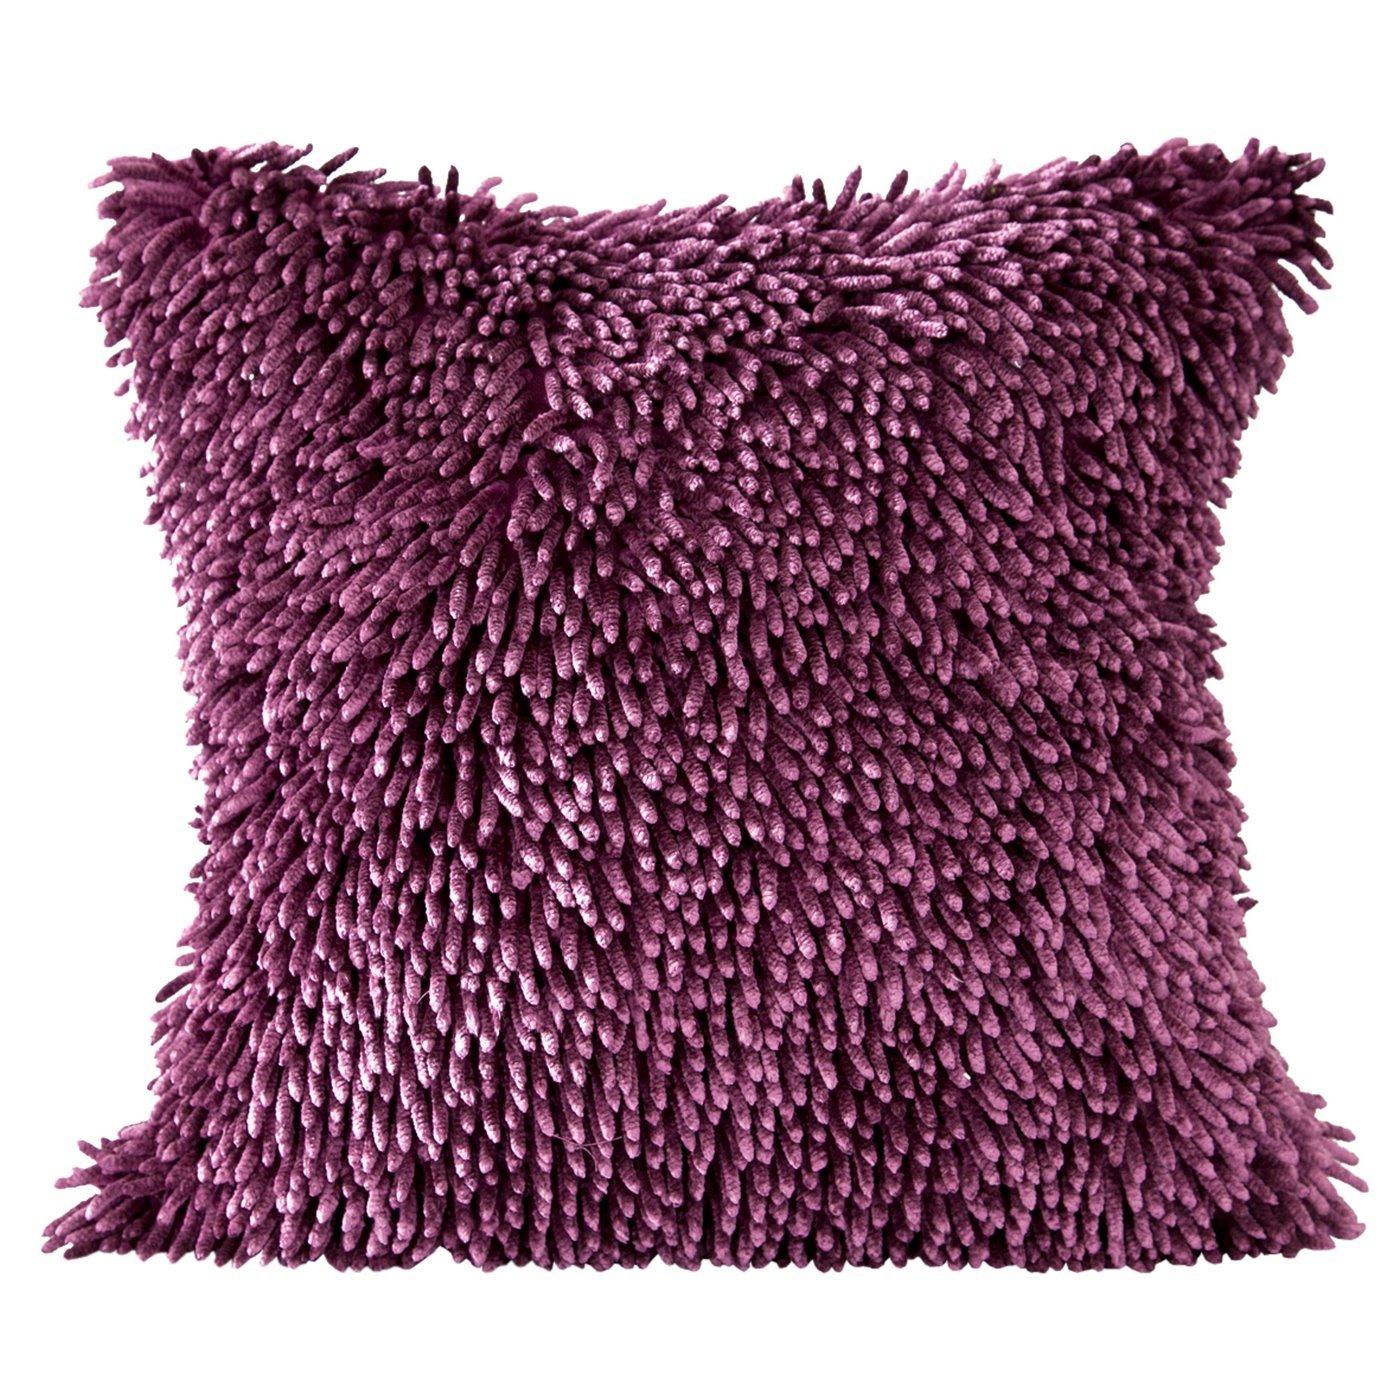 Poszewka dekoracyjna na poduszkę  50 x 50 Kolor Lila